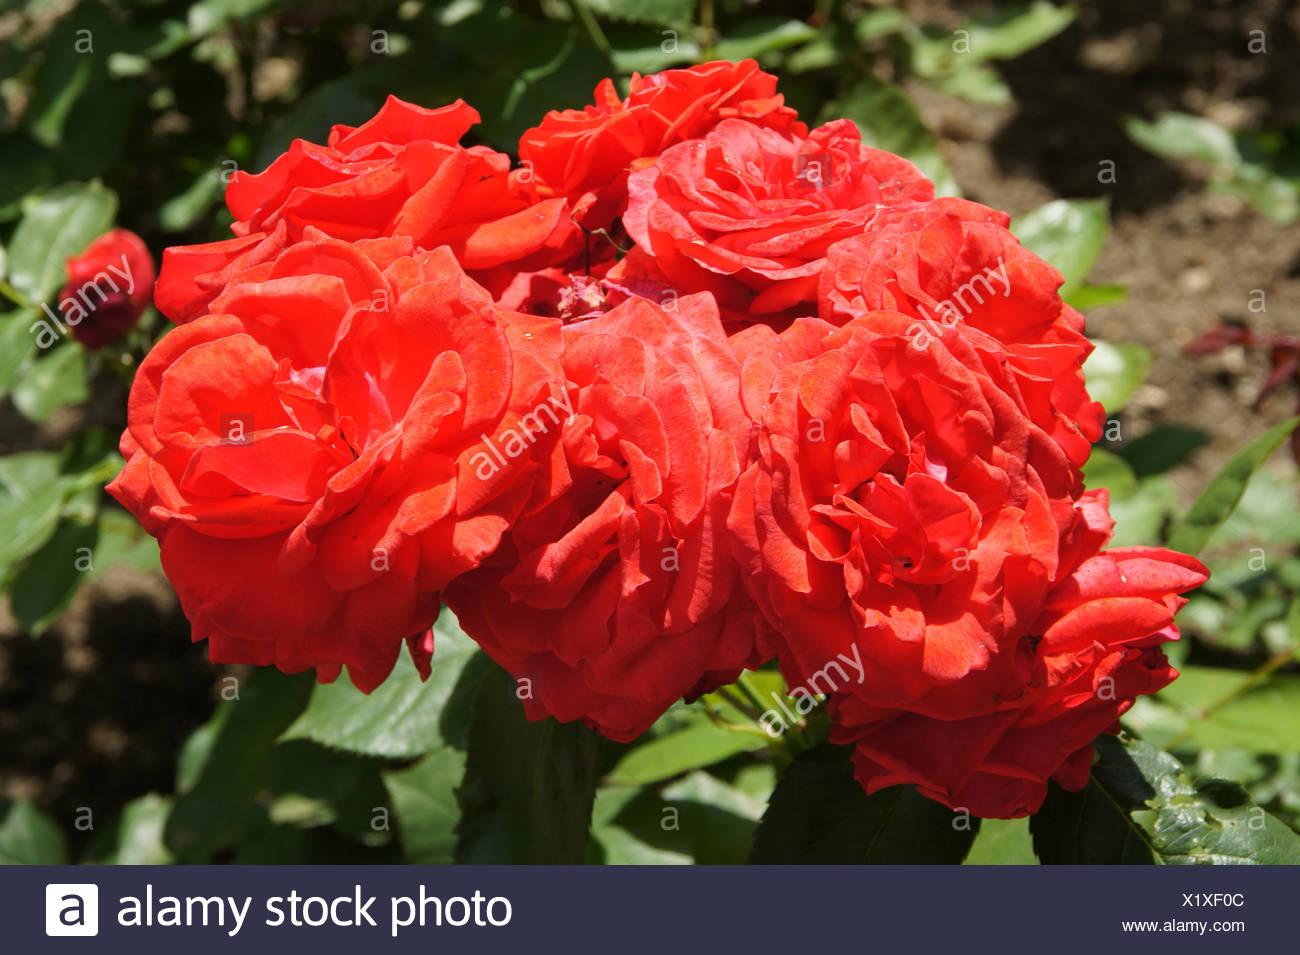 Rosa Neues Europa, Hybrid-rose - Stock Image